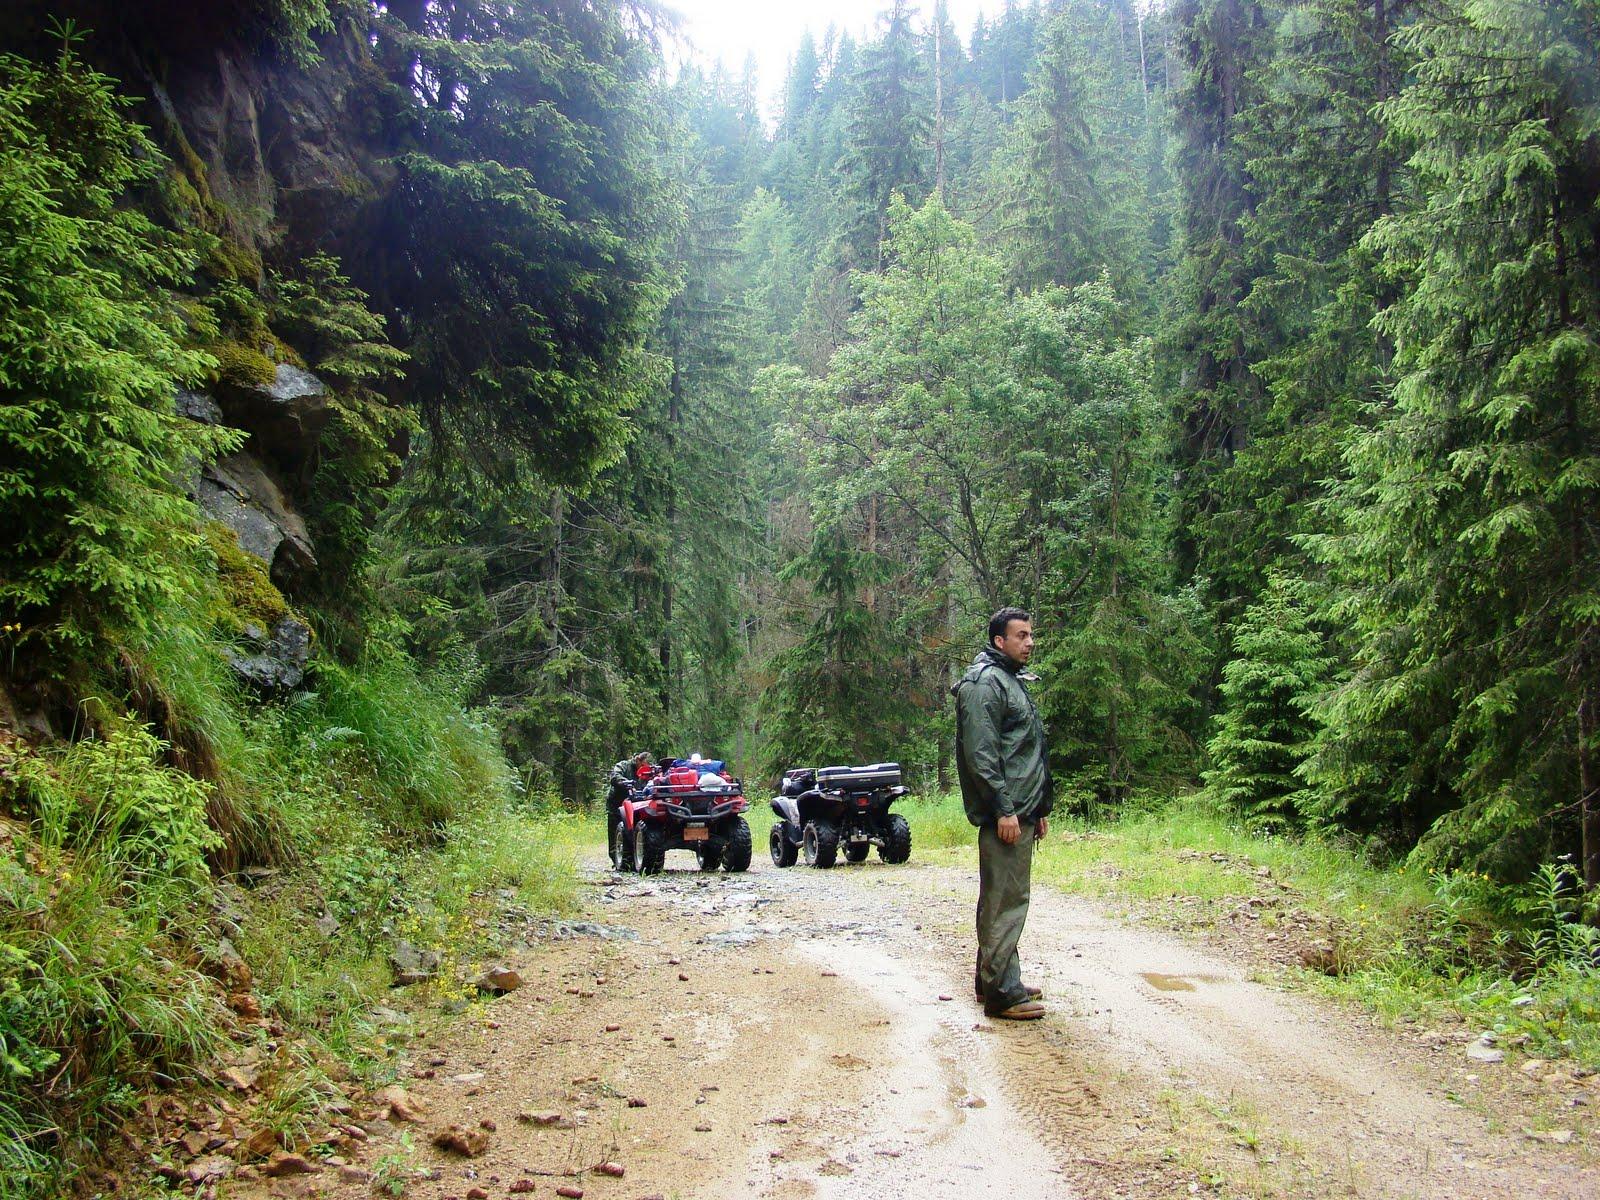 Δάσος ελατιάς-δάσος φρακτού